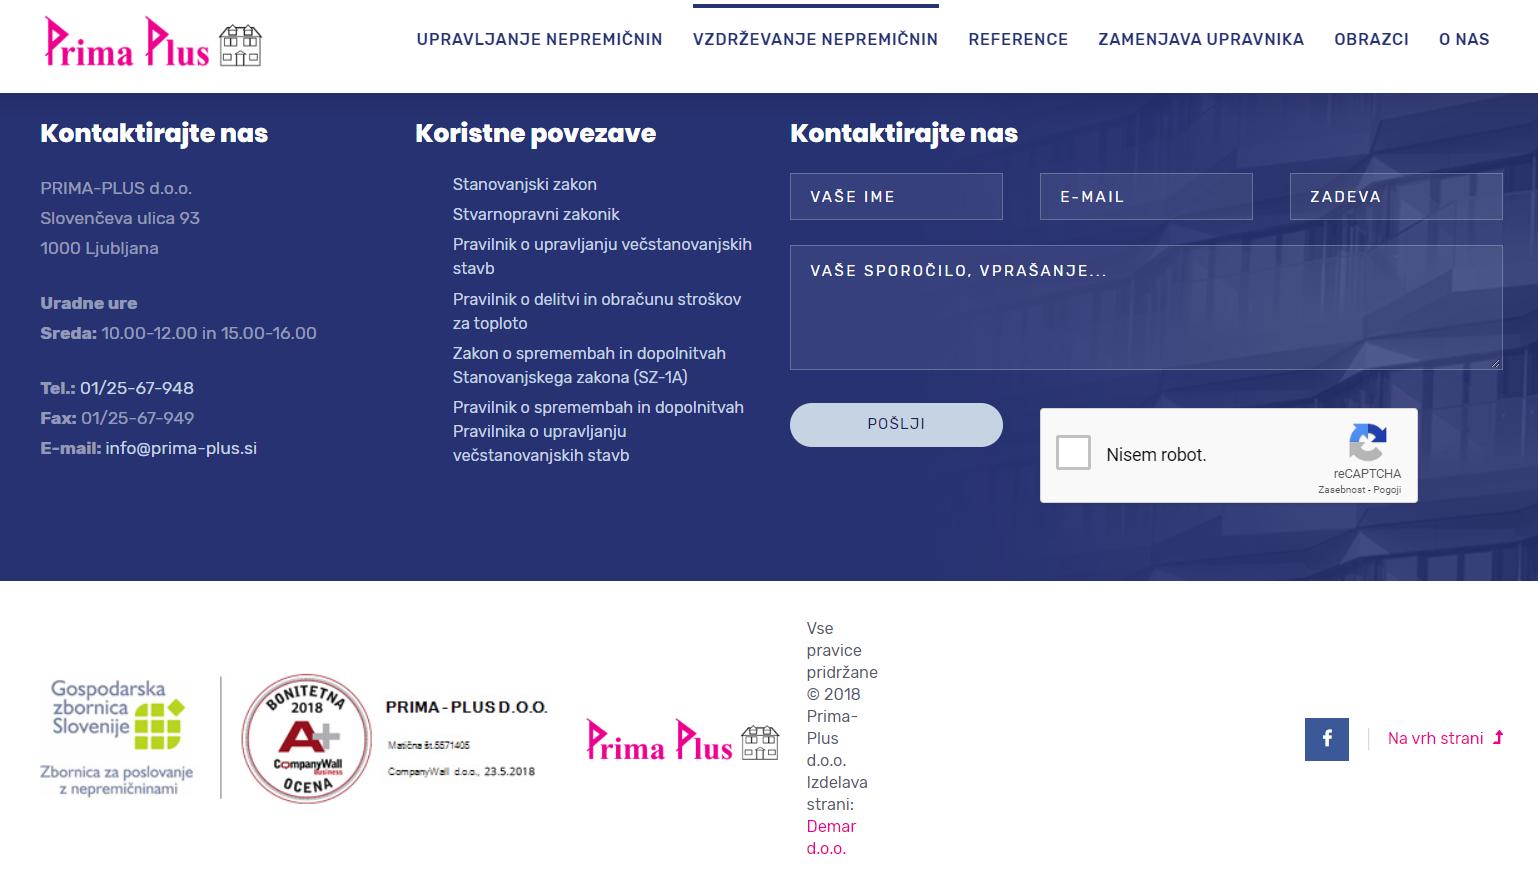 PRIMA - PLUS d.o.o.